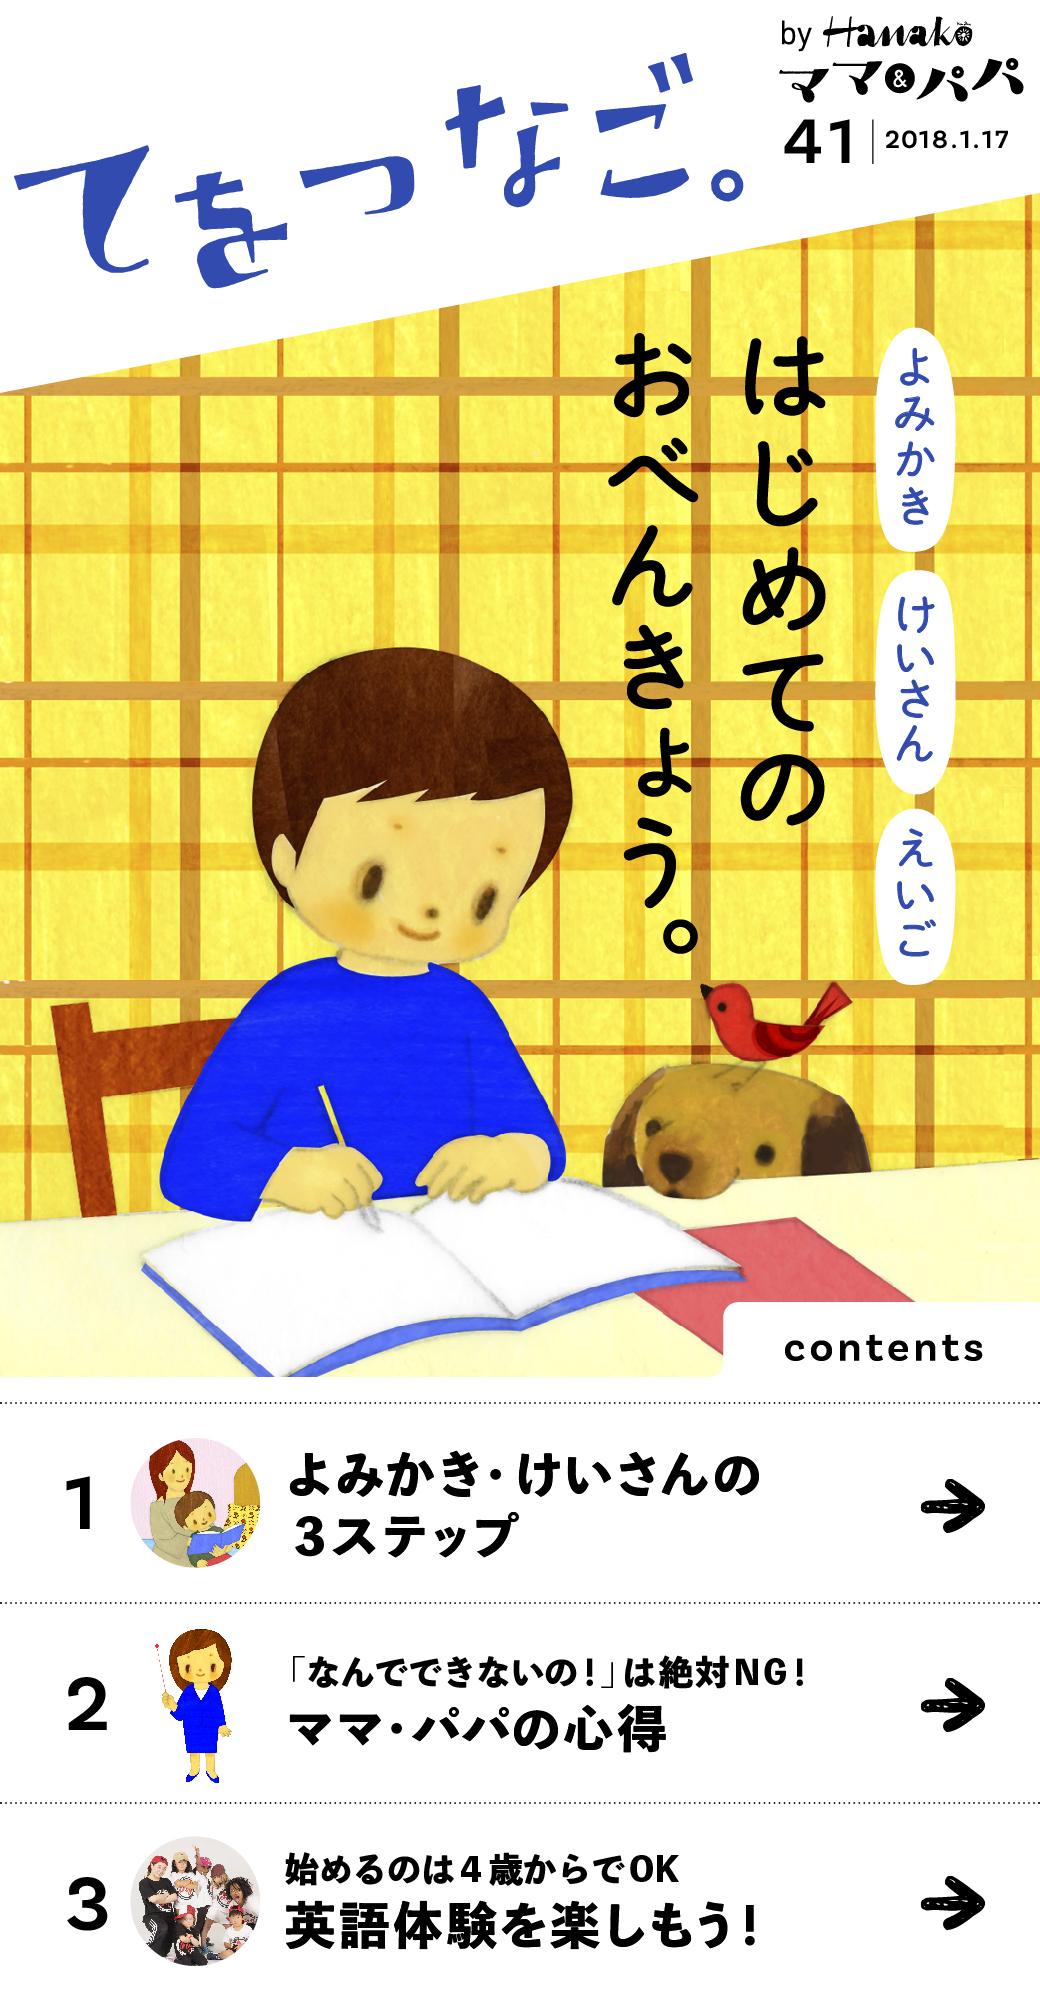 始めるのは4歳からでOK!英語体験を楽しもう